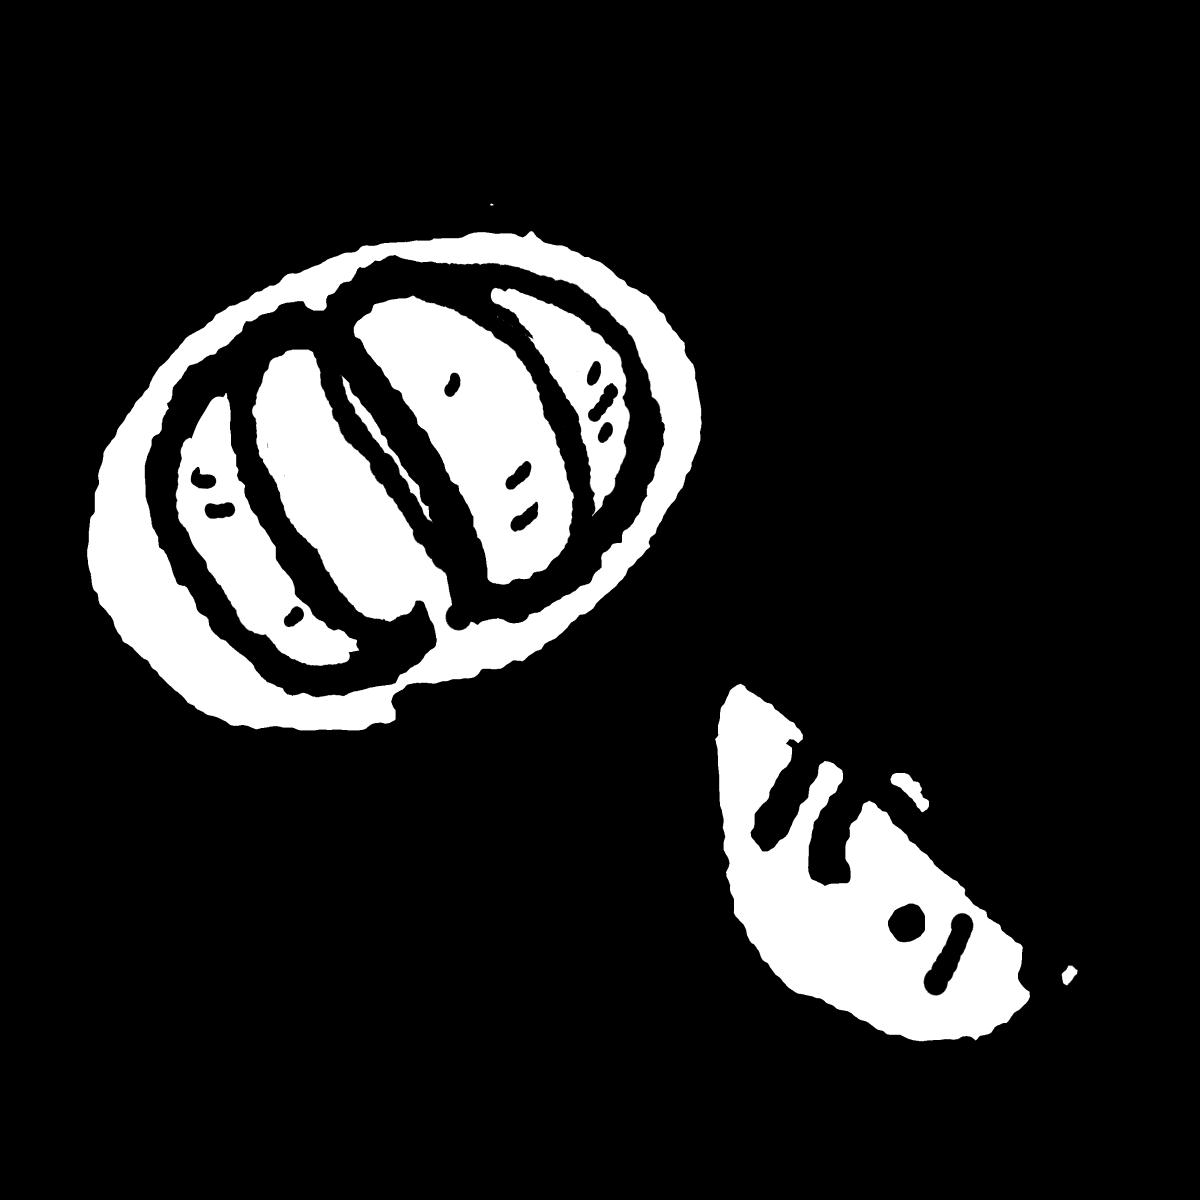 みかん(中身)のイラスト / Mandarin oranges (contents) Illustration